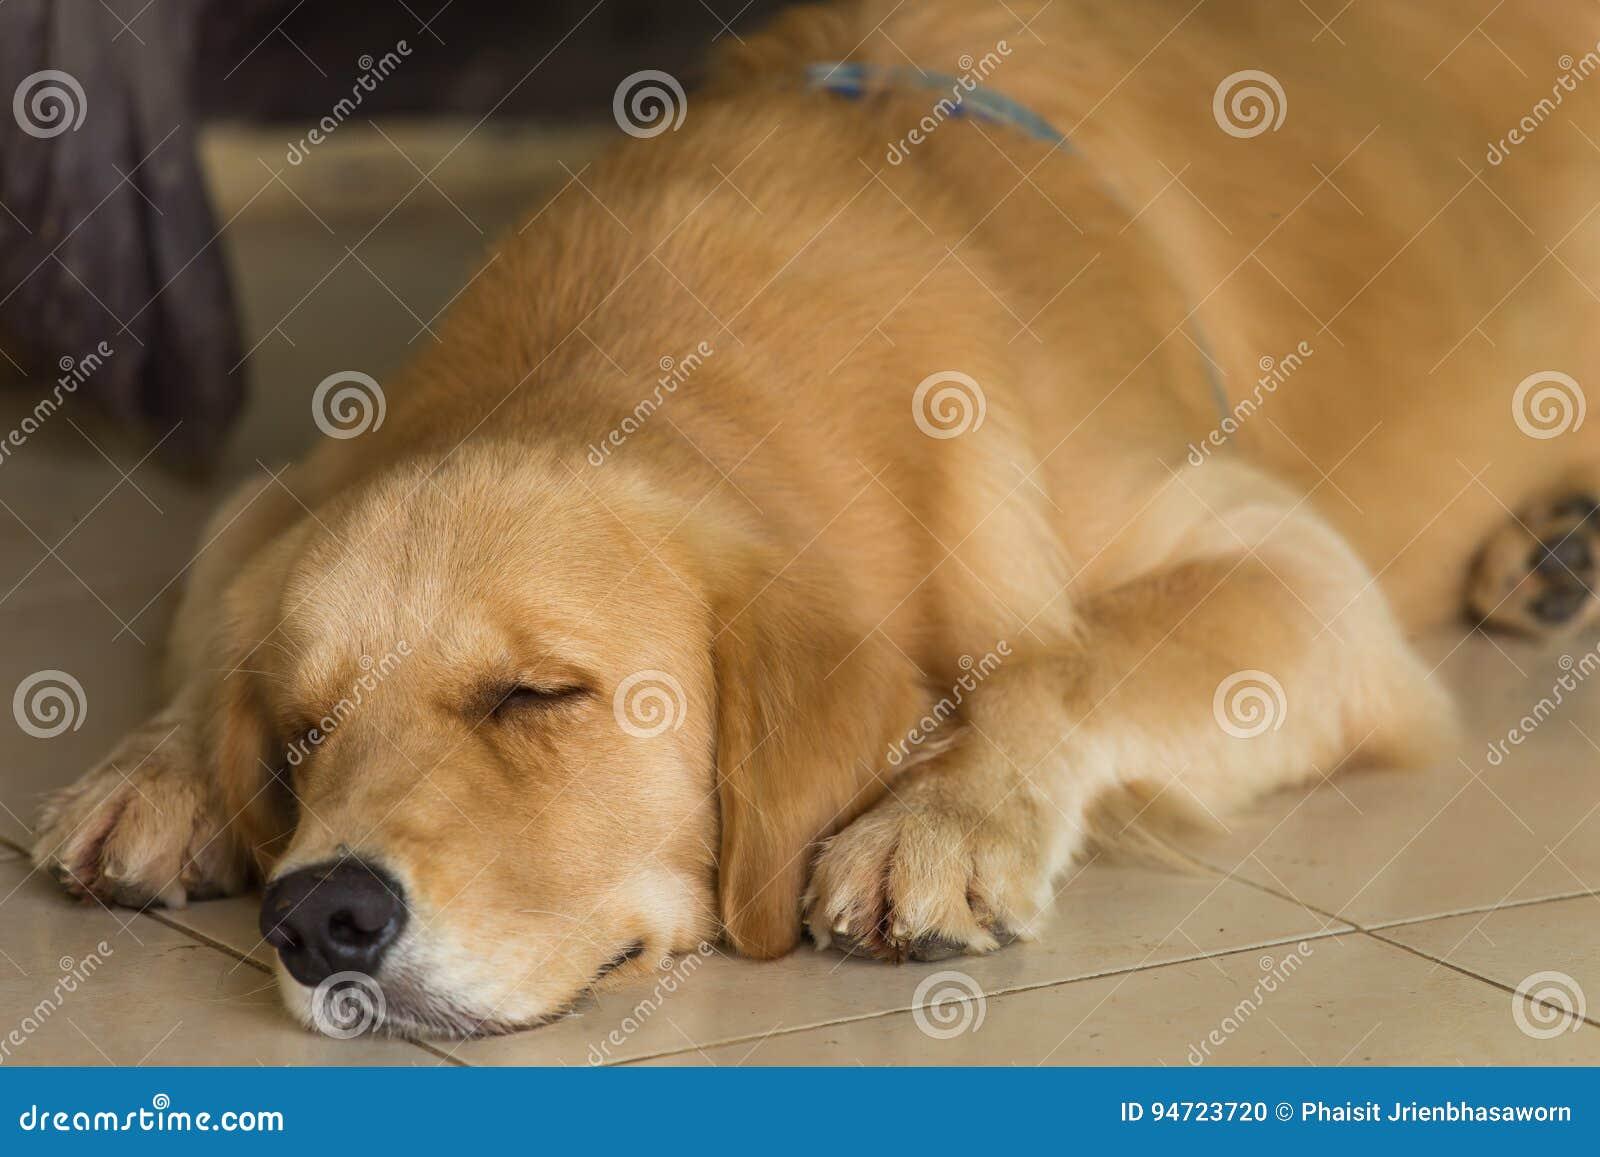 Das golden retriever schläft